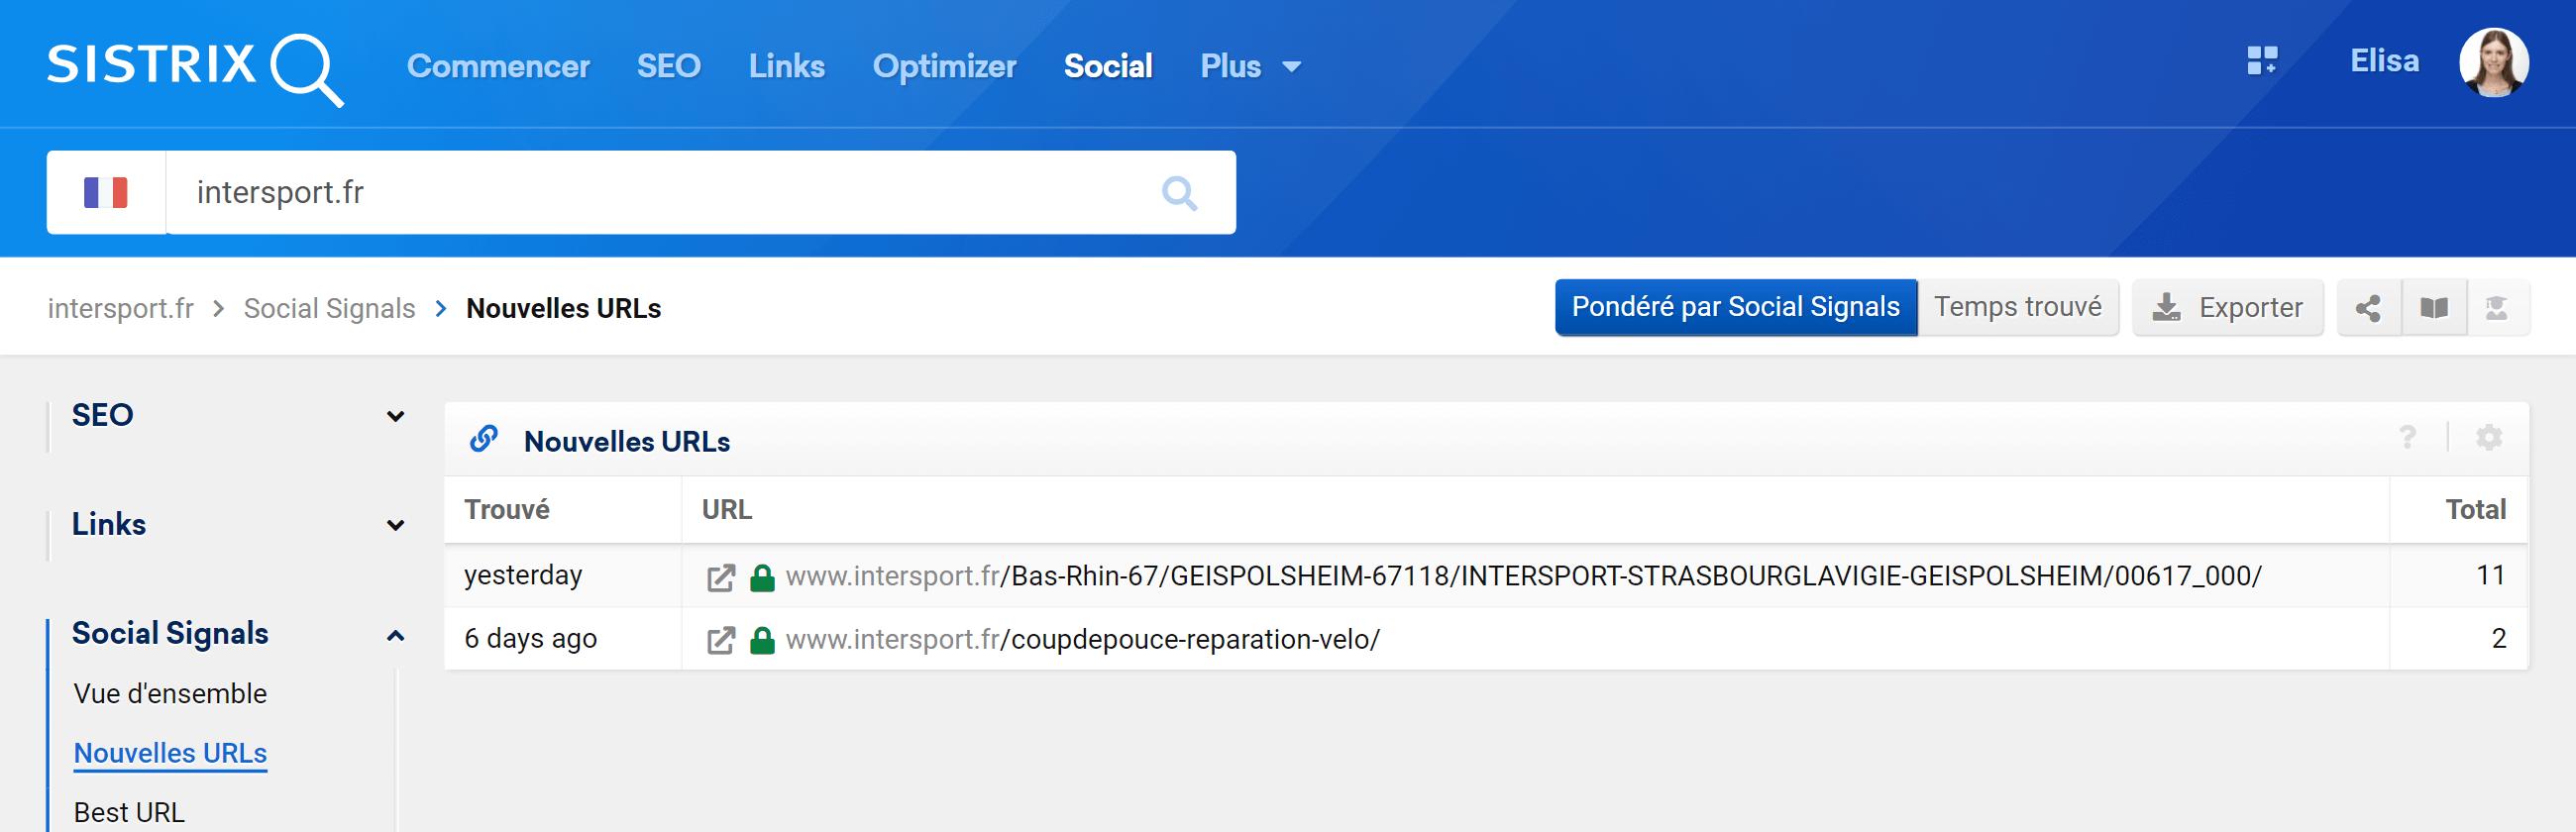 Vous pouvez rapidement voir les nouvelles adresses URL d'un domaine grâce aux signaux sociaux